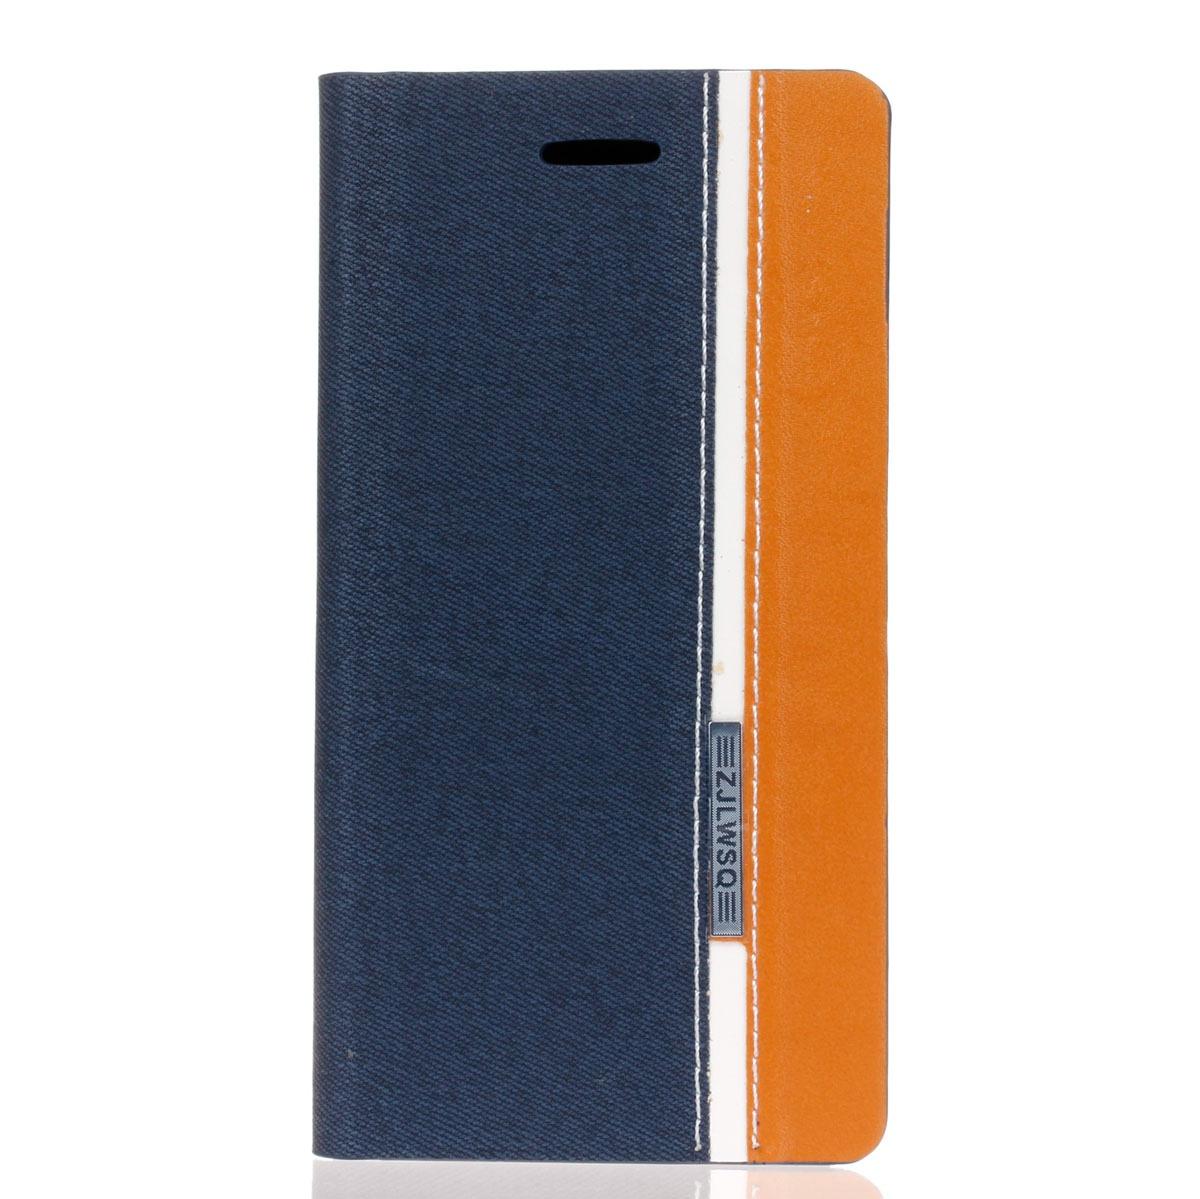 Для Samsung Galaxy J1 (2016) SM-J120 Кожаный чехол с флип-чехол с гнездами для карт и функцией стойки (темно-синий + оранжевый) стоимость